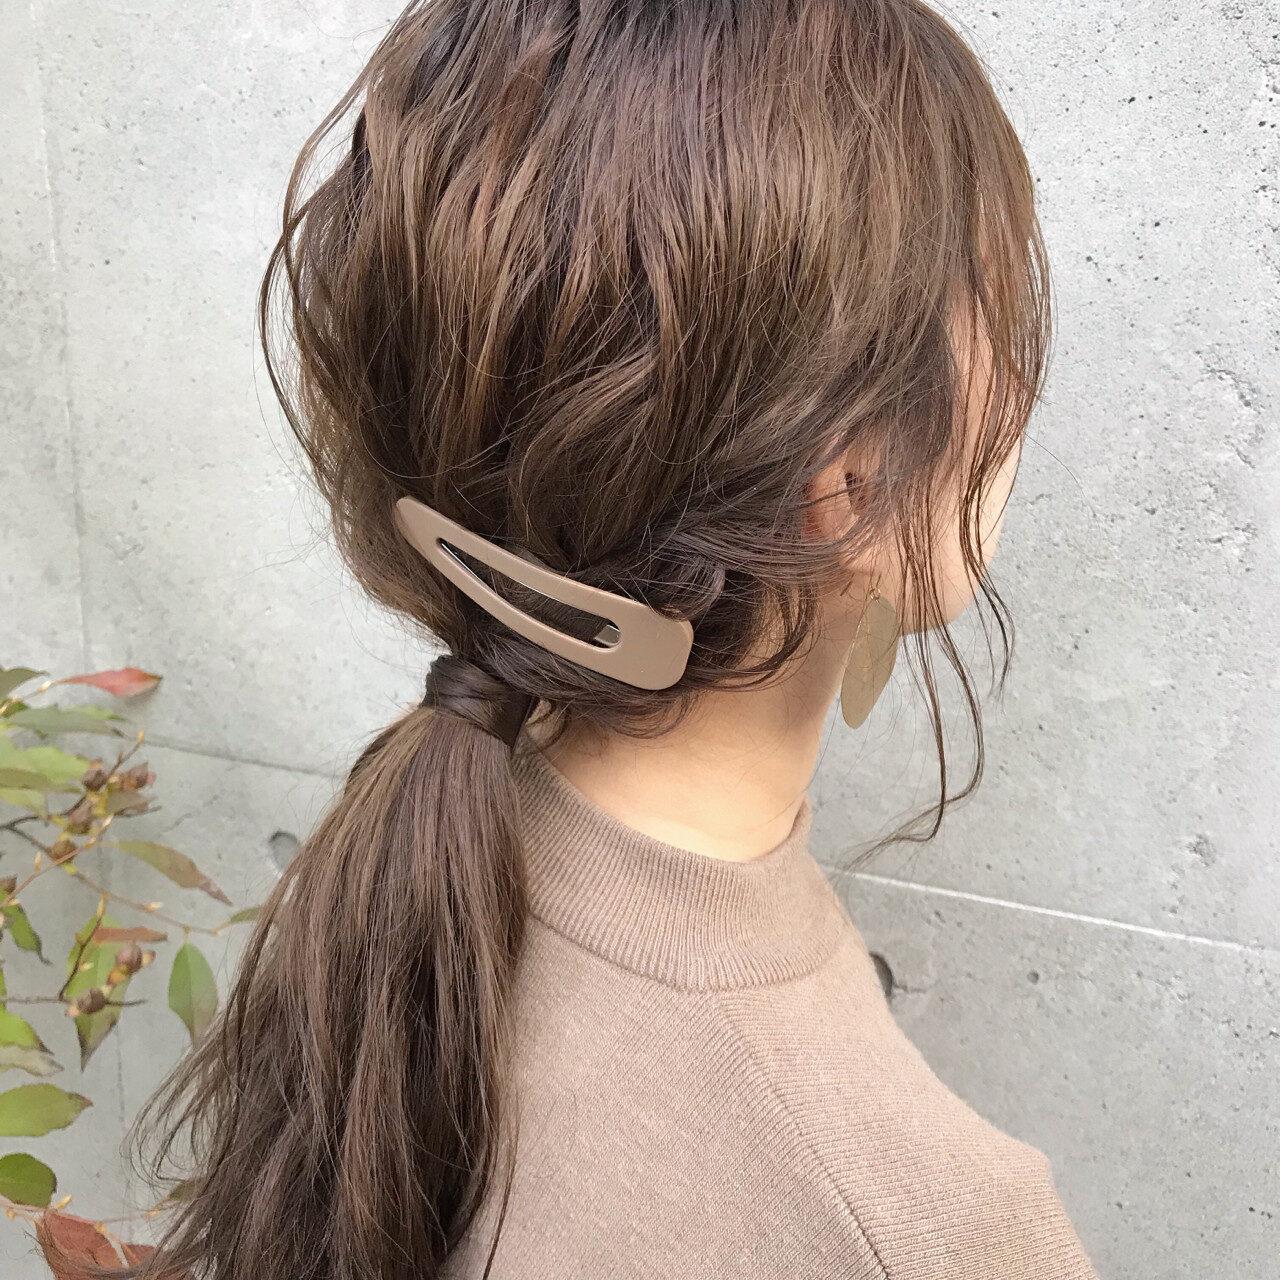 春の風に翻弄されて、ボサボサ髪に。風が強い日も可憐をkeep【簡単まとめヘア】